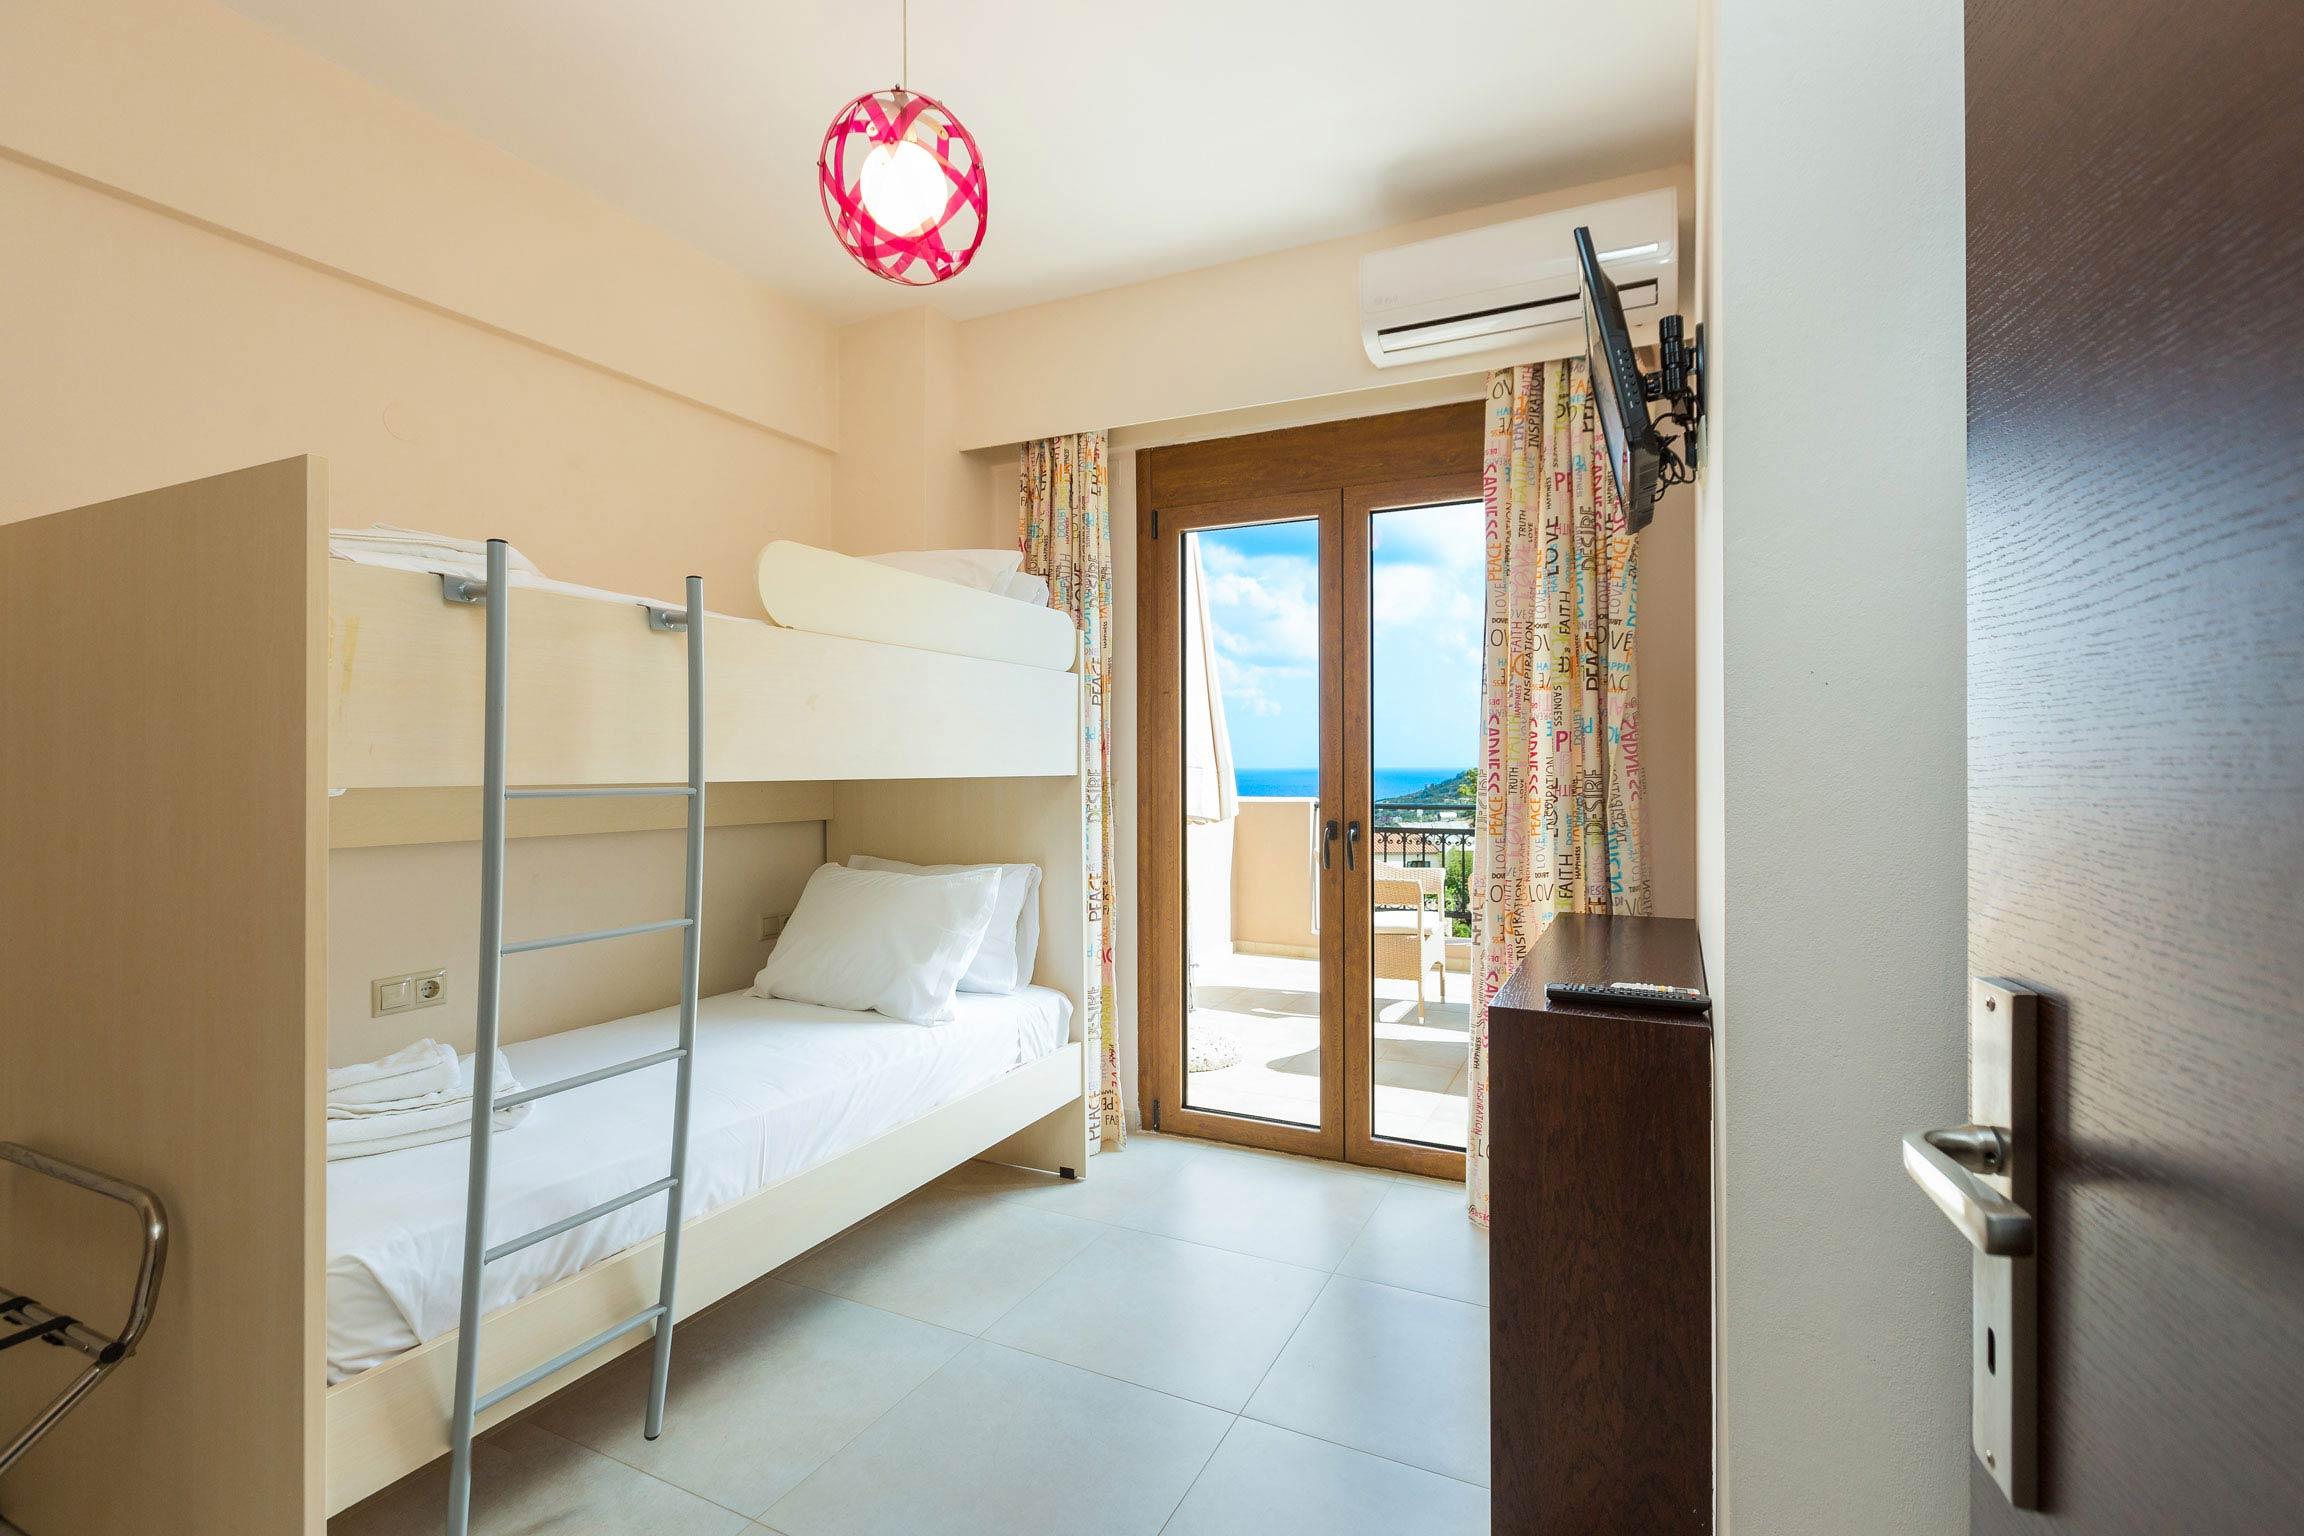 Ferienhaus Diese Villa auf zwei Ebenen ist der perfekte Ort, um in Rethymnon auf Kreta weh zu bleiben (2623387), Roumeli, Kreta Nordküste, Kreta, Griechenland, Bild 24